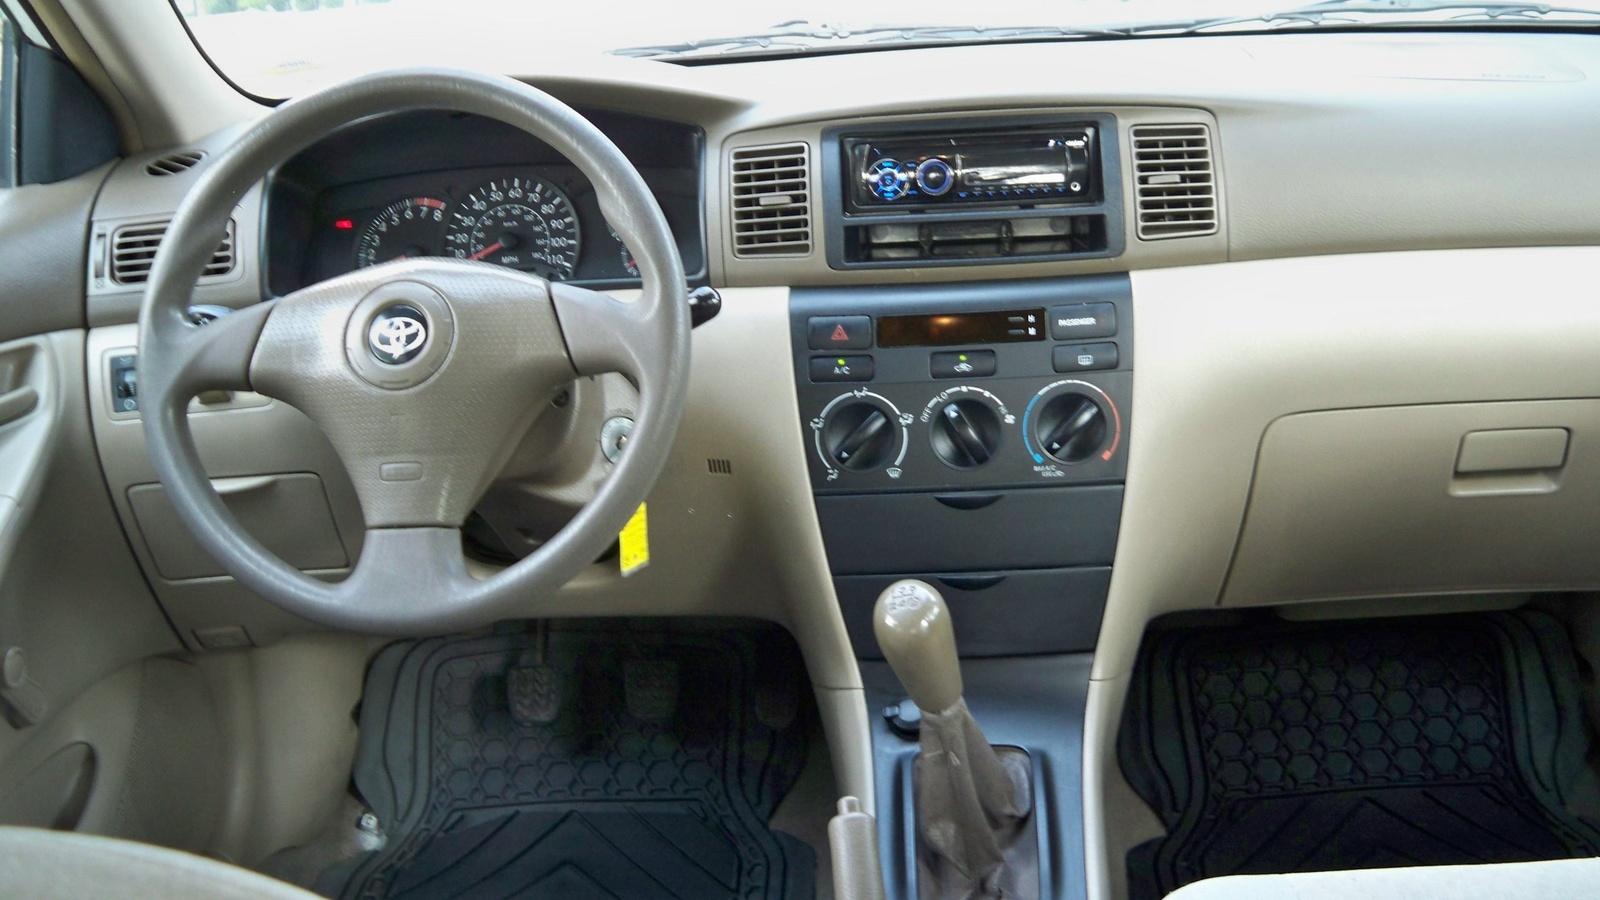 Toyota Corolla Interior 2002 Toyota Corolla ce Interior